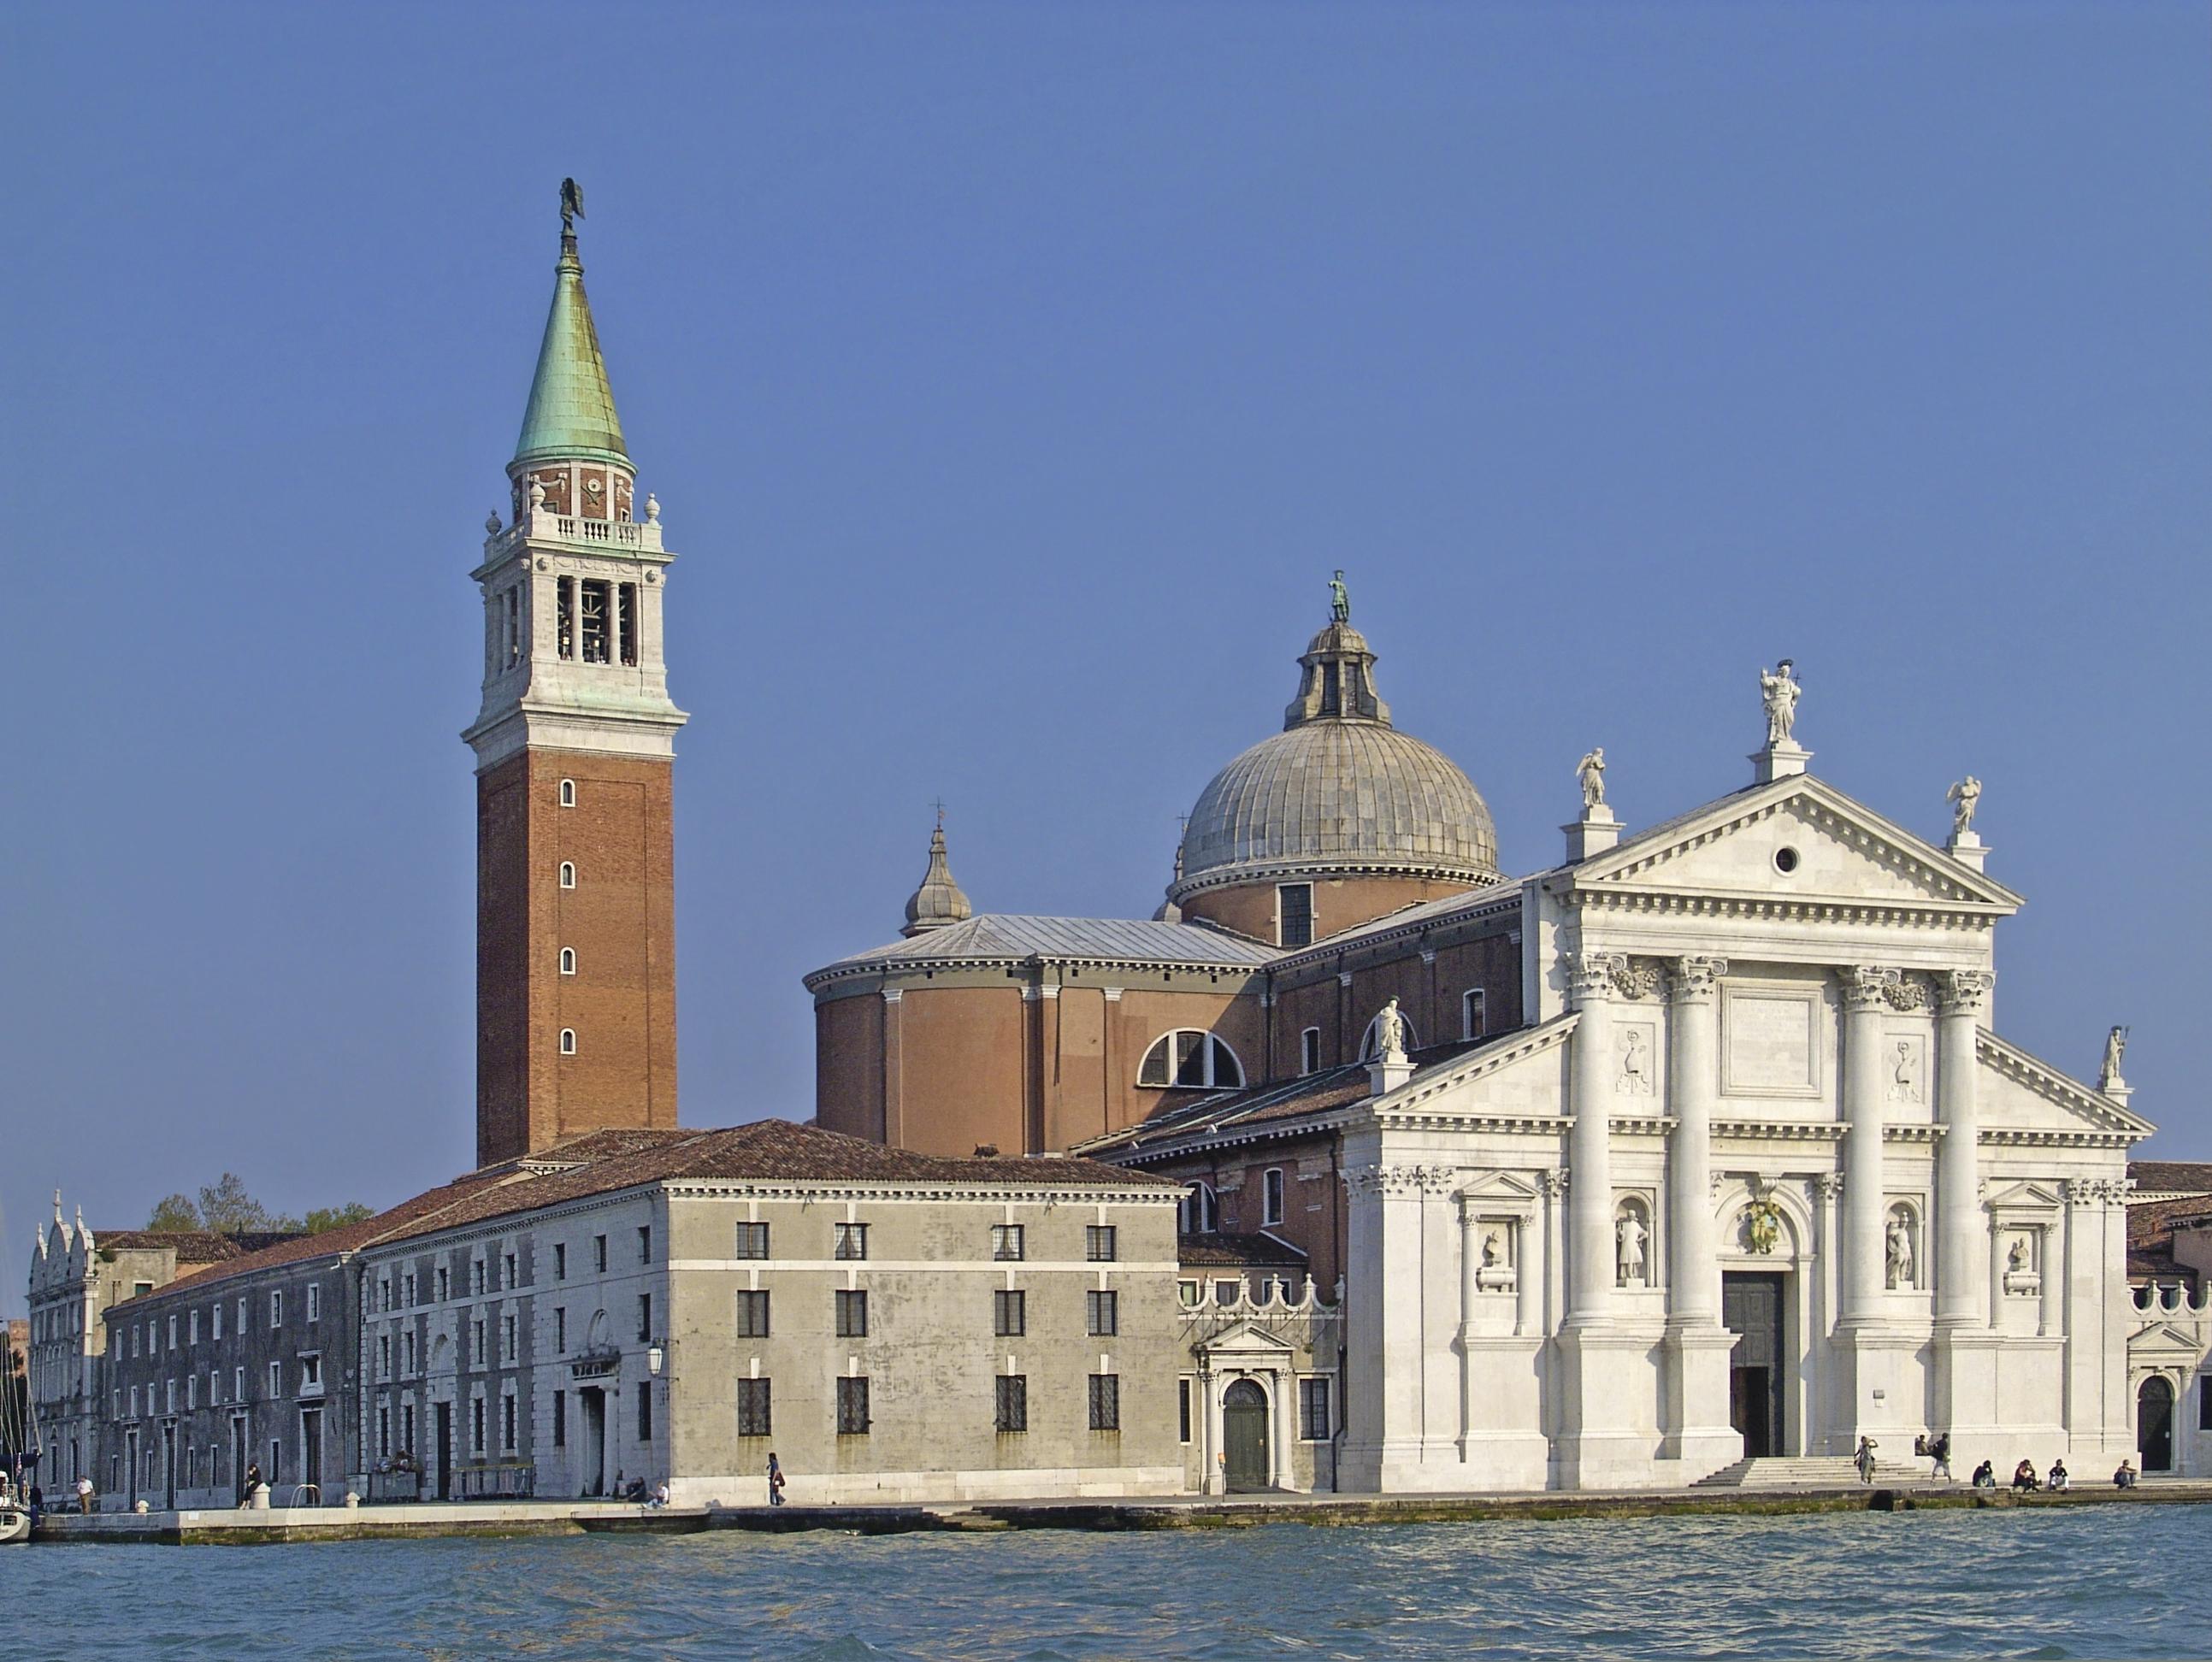 Basilica_di_San_Giorgio_Maggiore_(Venice